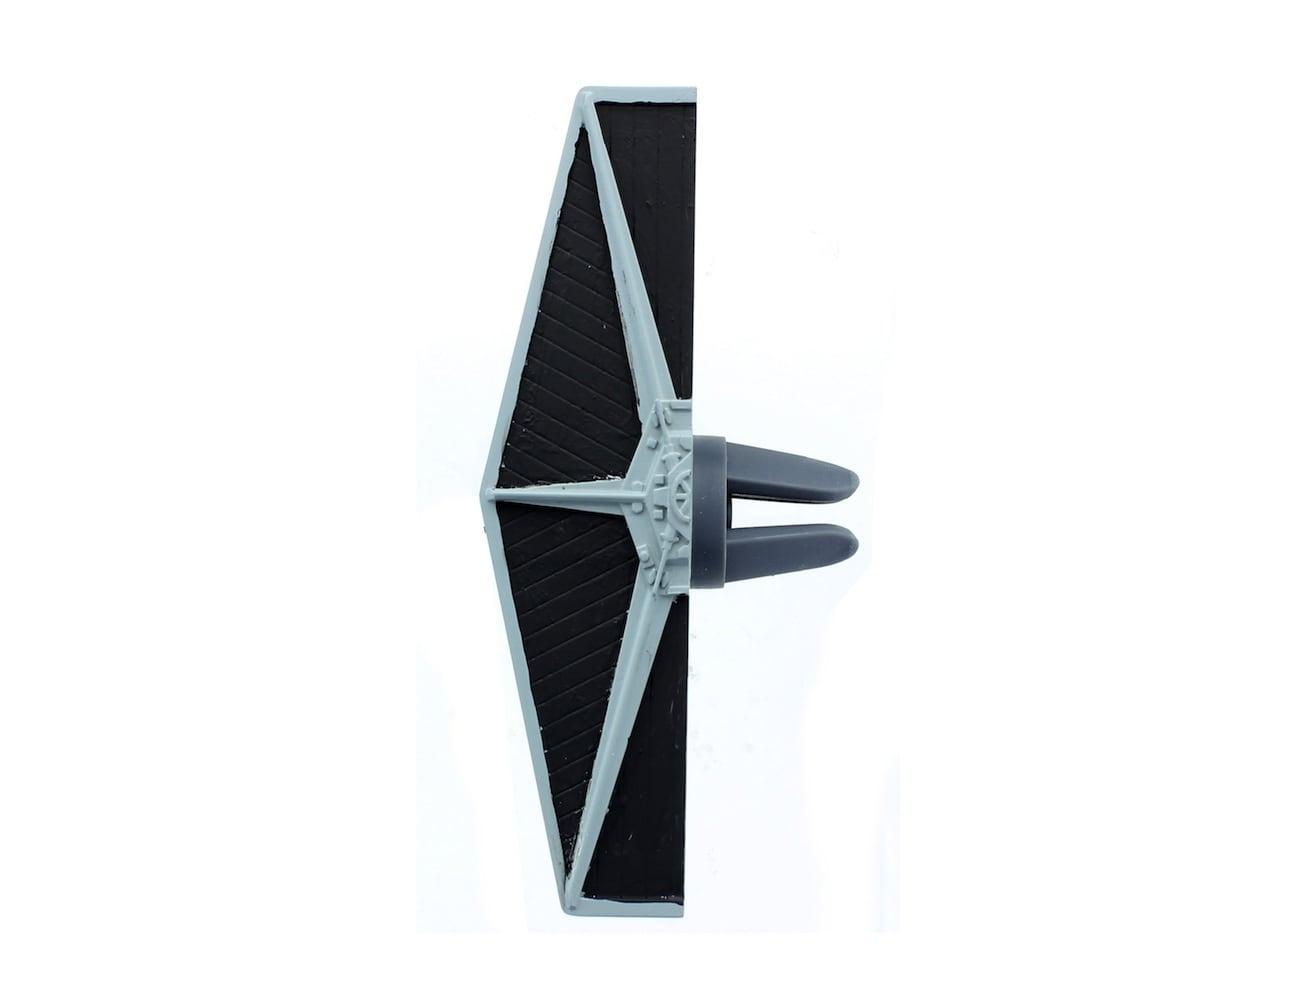 Star Wars TIE Fighter Car Phone Holder